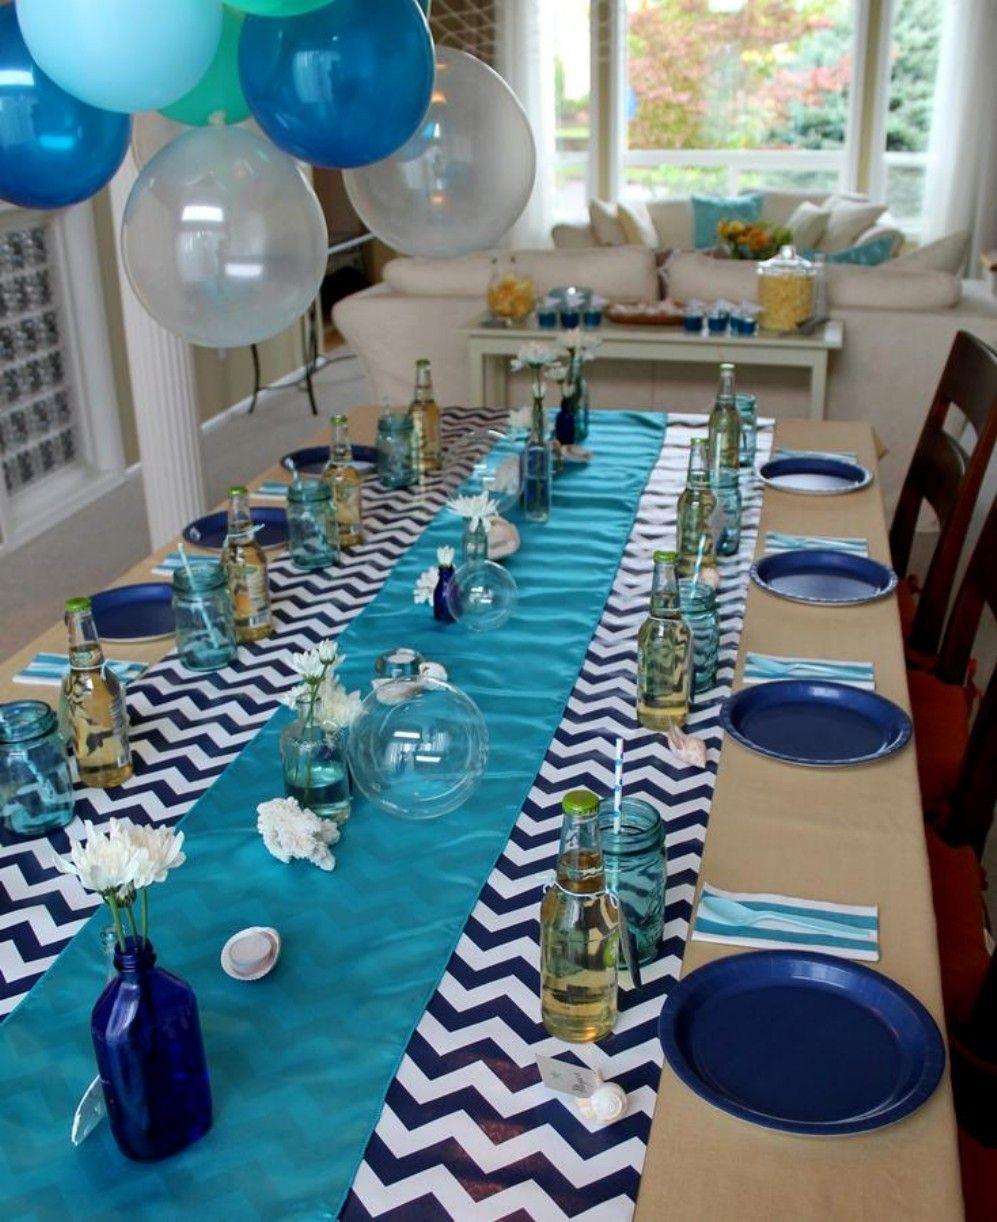 22 ideas navy blue party decoration concept